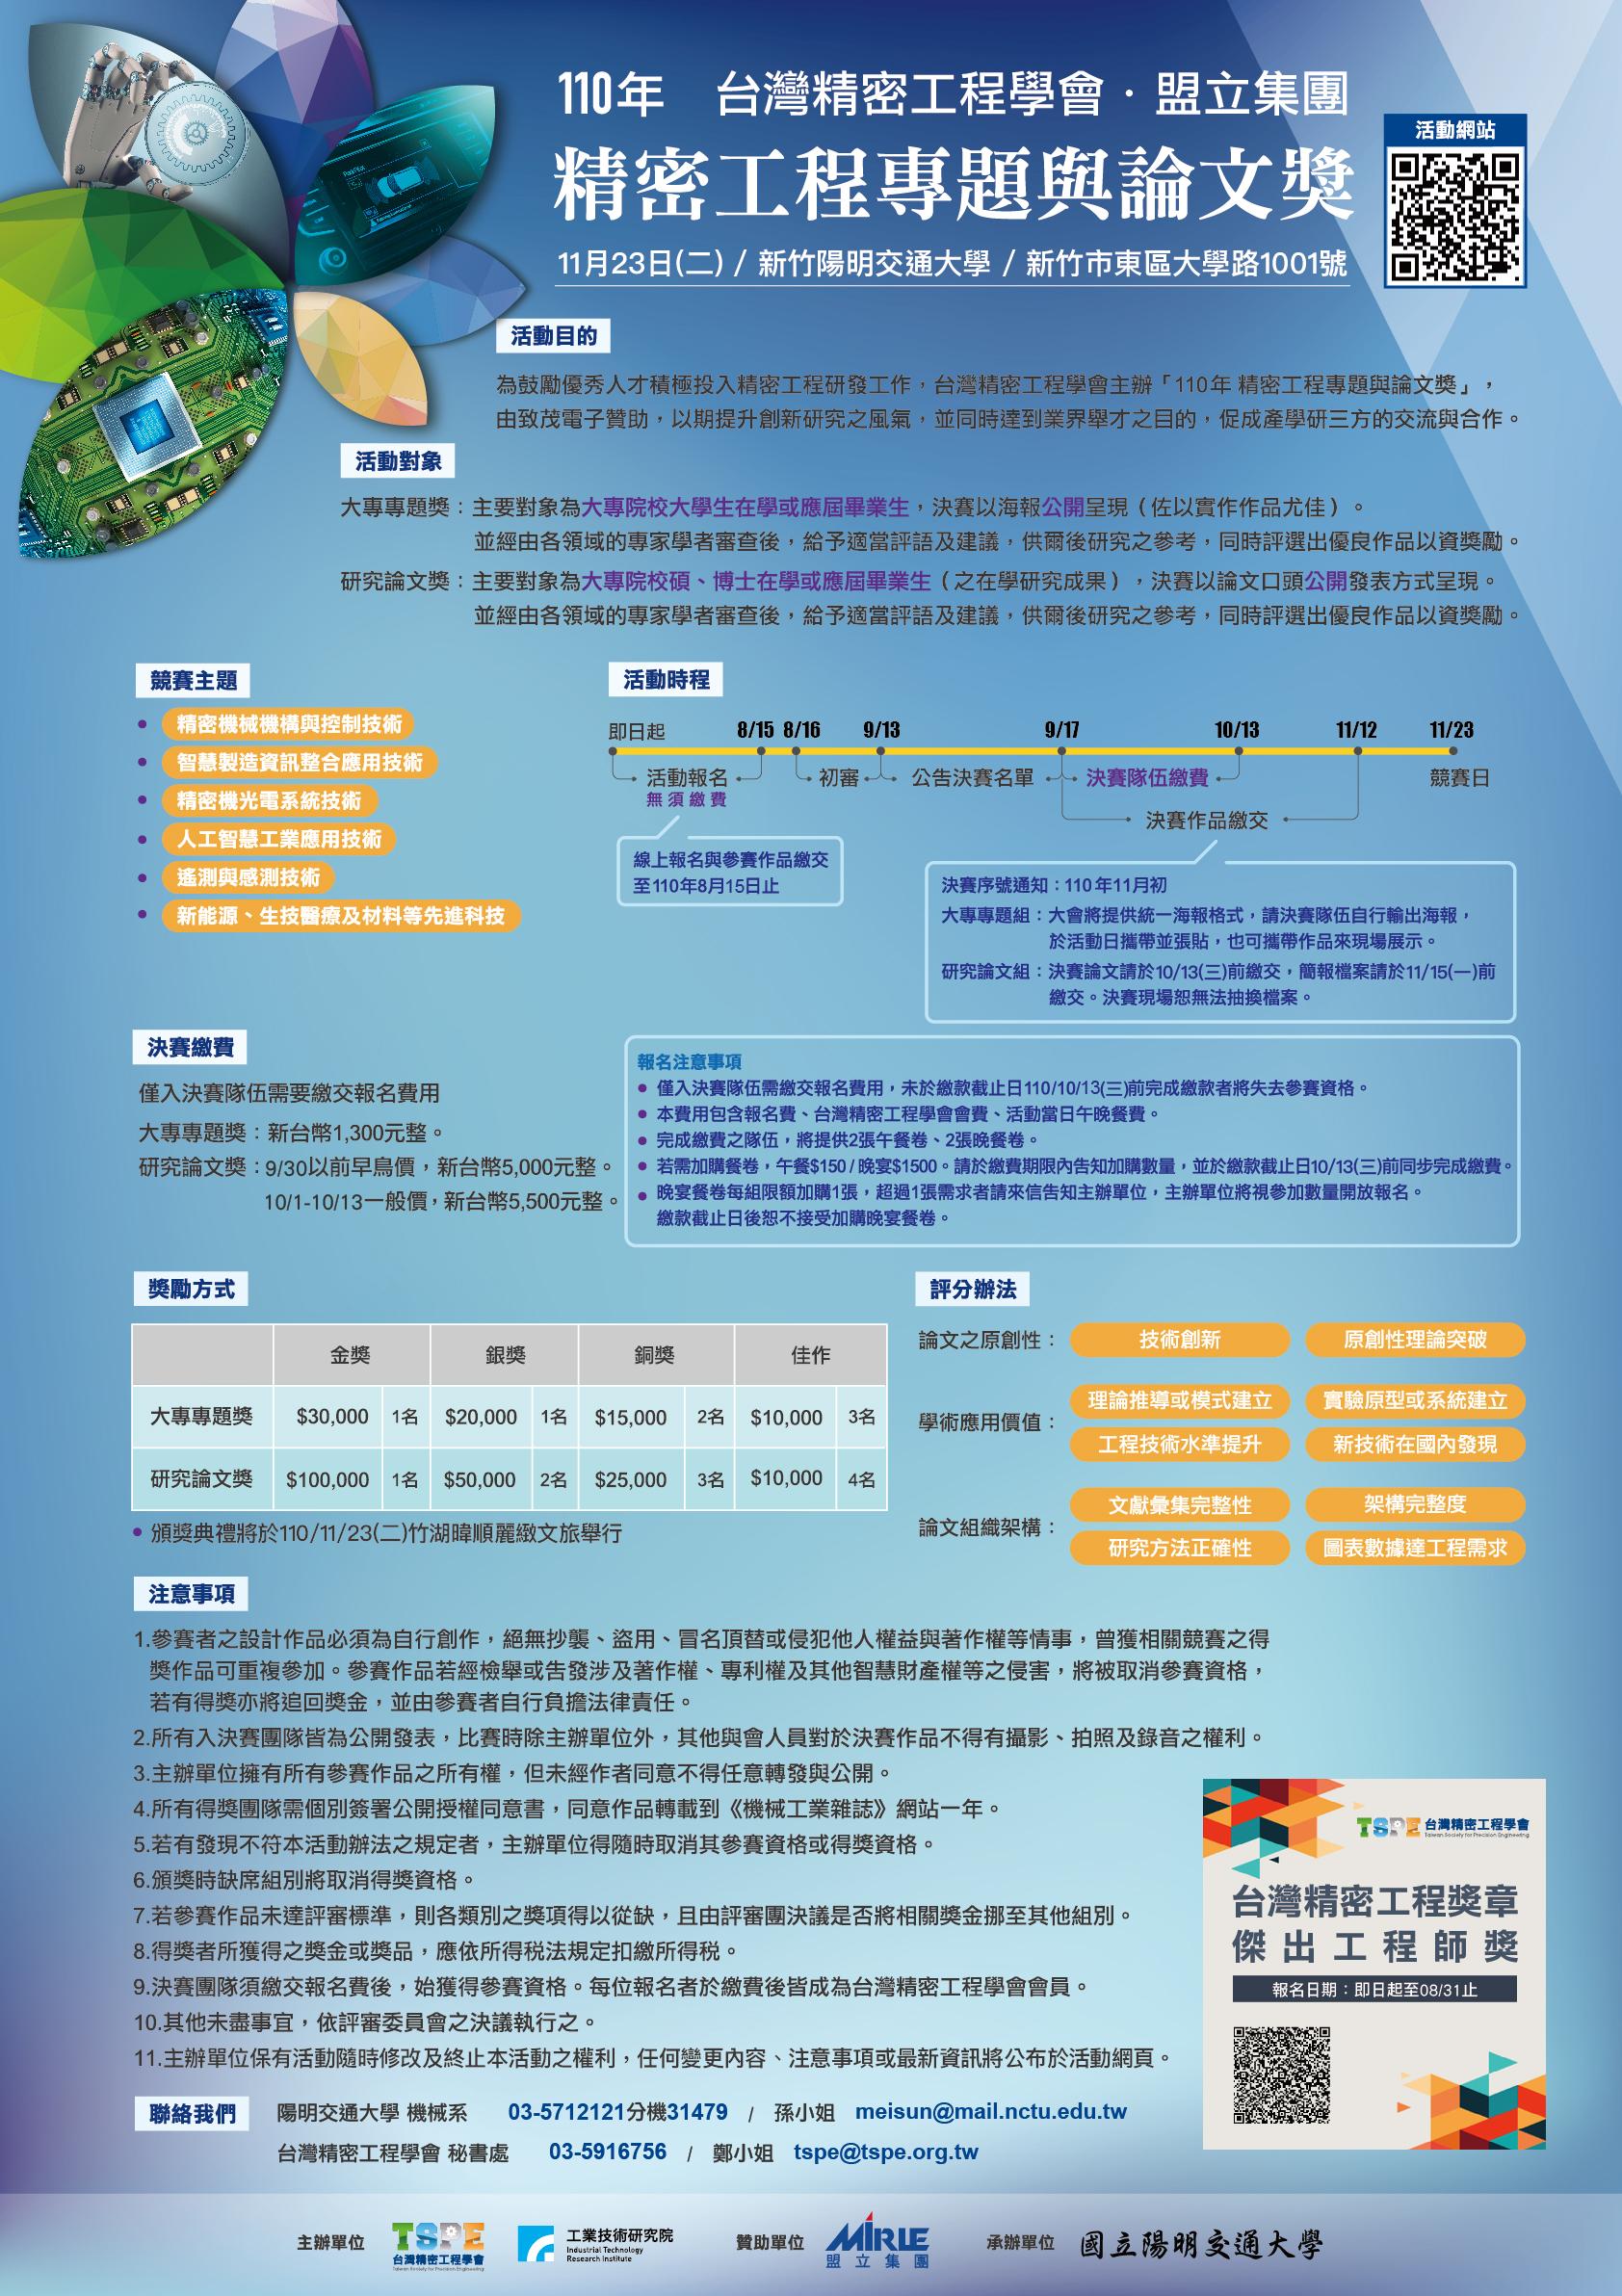 110年台灣精密工程學會・盟立集團 精密工程專題與論文獎(報名至8/15止,高額獎金等你來挑戰)